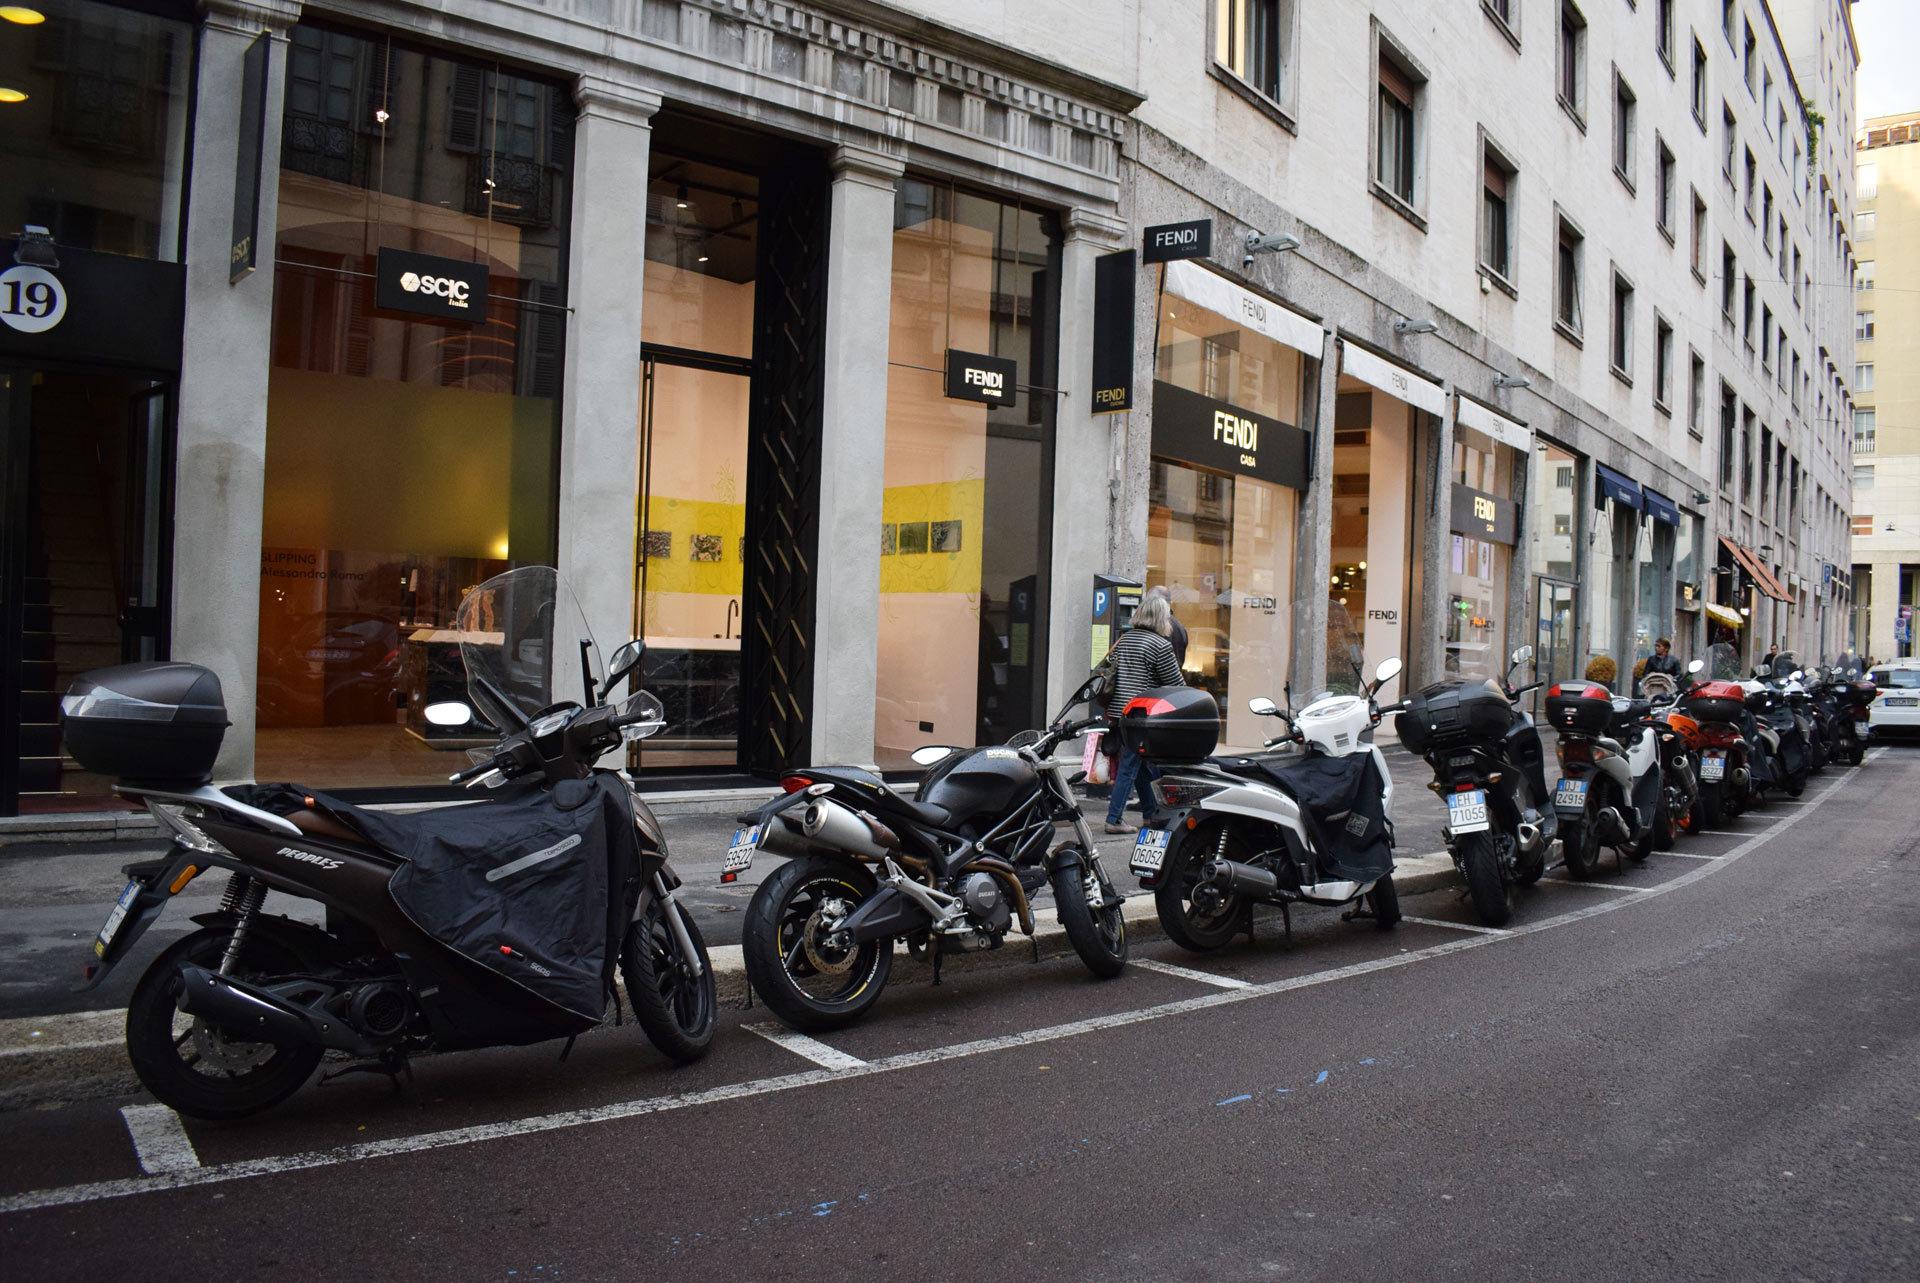 バイク天国☆イタリアの旅 その5 ミラノ街を散策_d0099181_10551255.jpg